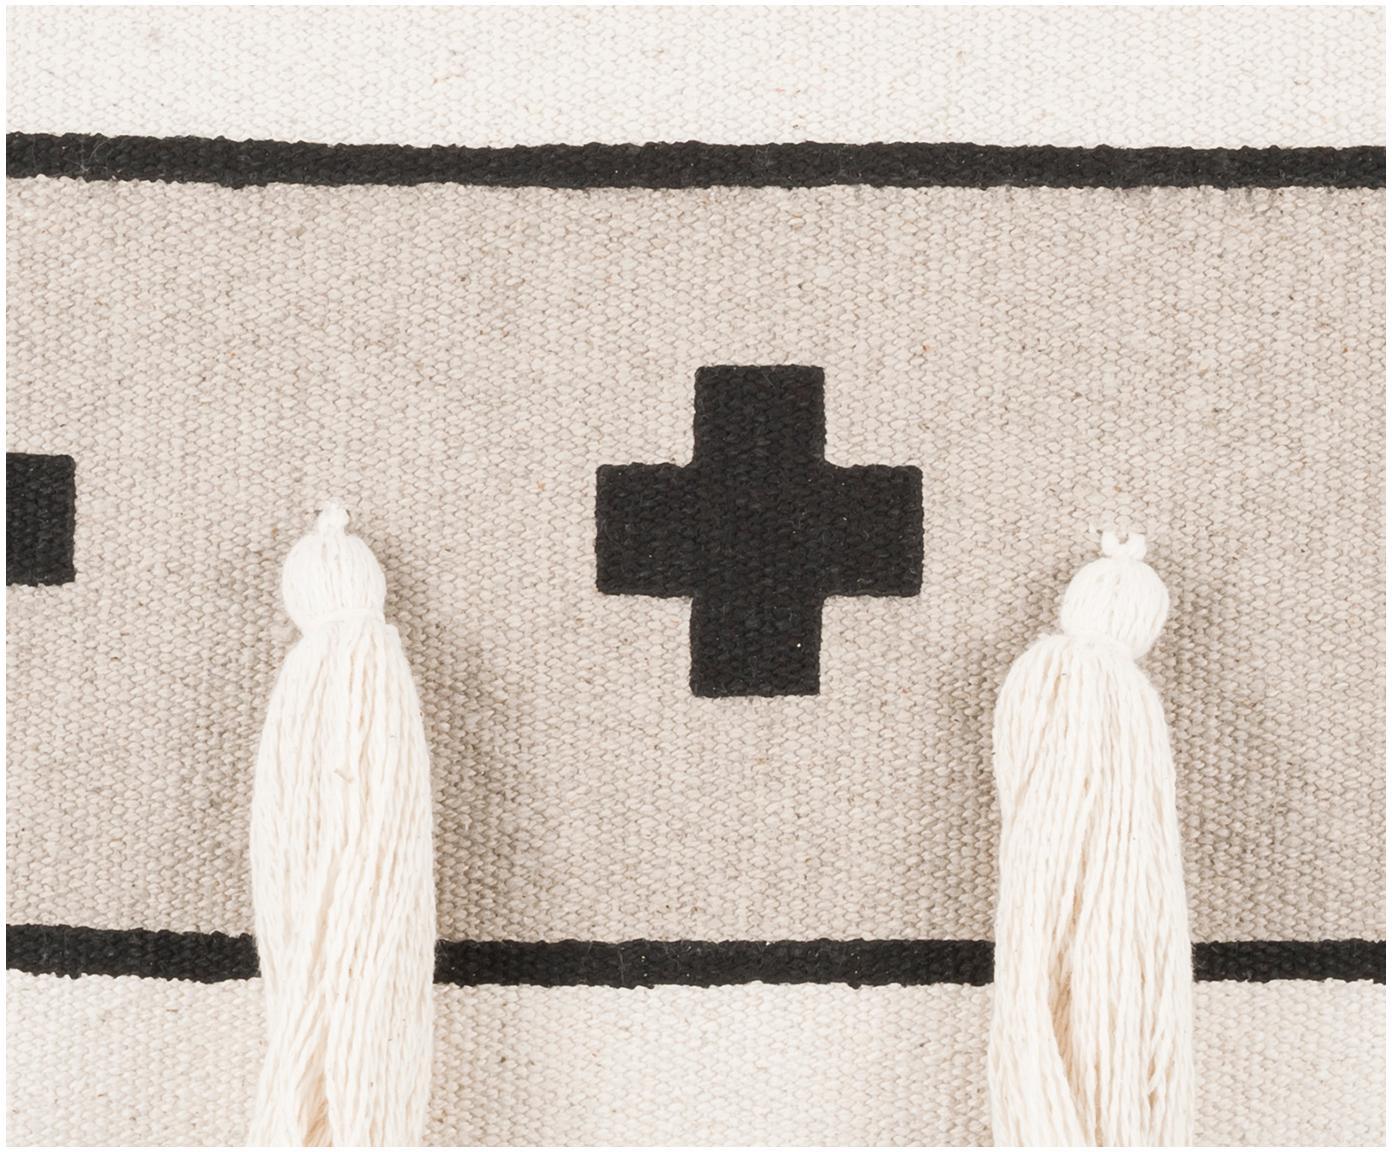 Ethno Kissenhülle Wildheart mit Quasten, 100% Baumwolle, Beige, Creme, Schwarz, 50 x 50 cm